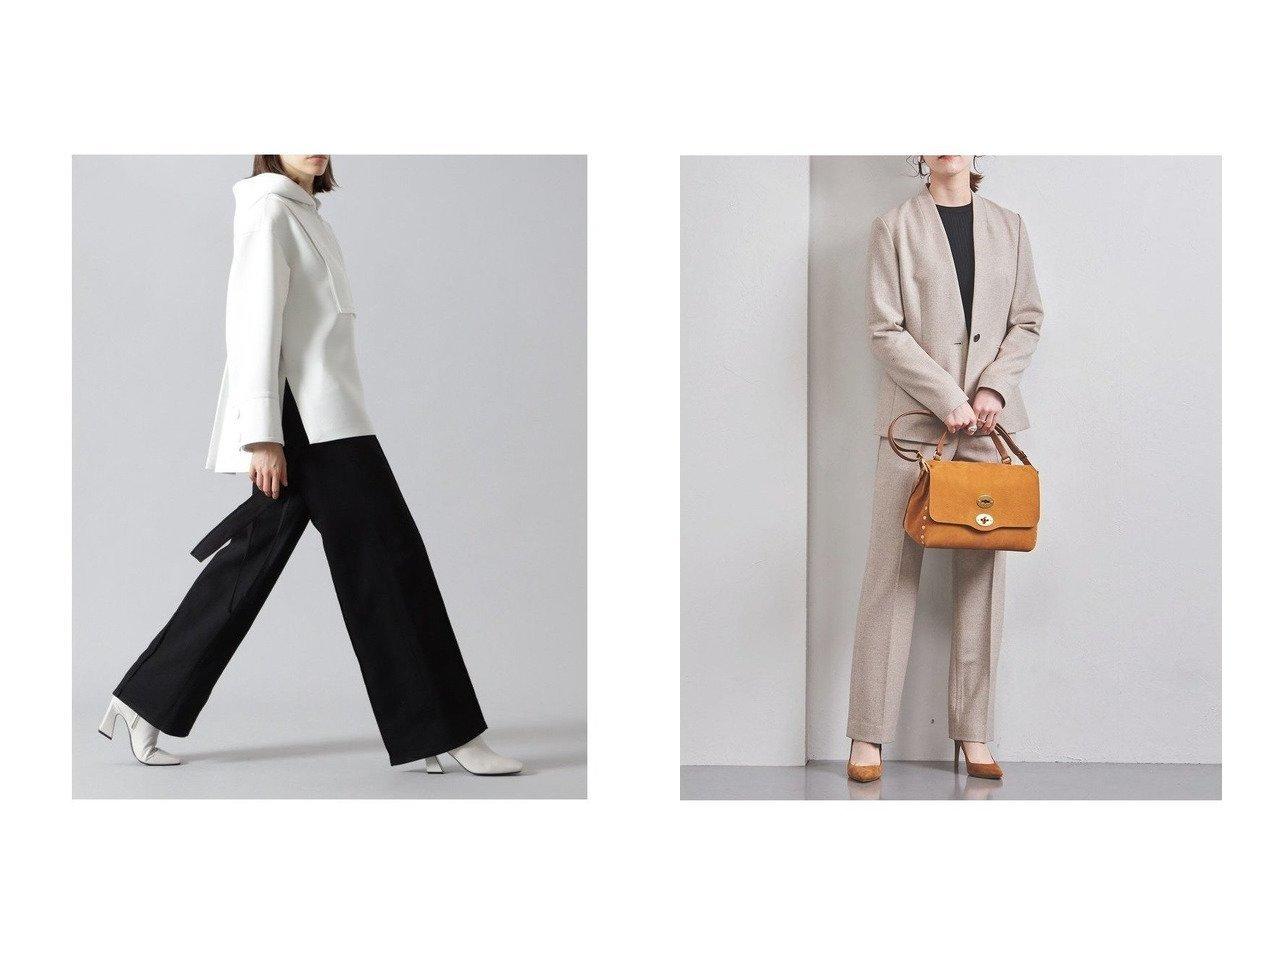 【UNITED ARROWS/ユナイテッドアローズ】のTWD ストレートパンツ&【ADORE/アドーア】のイントレチャートデニムパンツ パンツのおすすめ!人気、トレンド・レディースファッションの通販 おすすめで人気の流行・トレンド、ファッションの通販商品 メンズファッション・キッズファッション・インテリア・家具・レディースファッション・服の通販 founy(ファニー) https://founy.com/ ファッション Fashion レディースファッション WOMEN パンツ Pants デニムパンツ Denim Pants シャンブレー ジーンズ ストレート デニム ポケット |ID:crp329100000013654